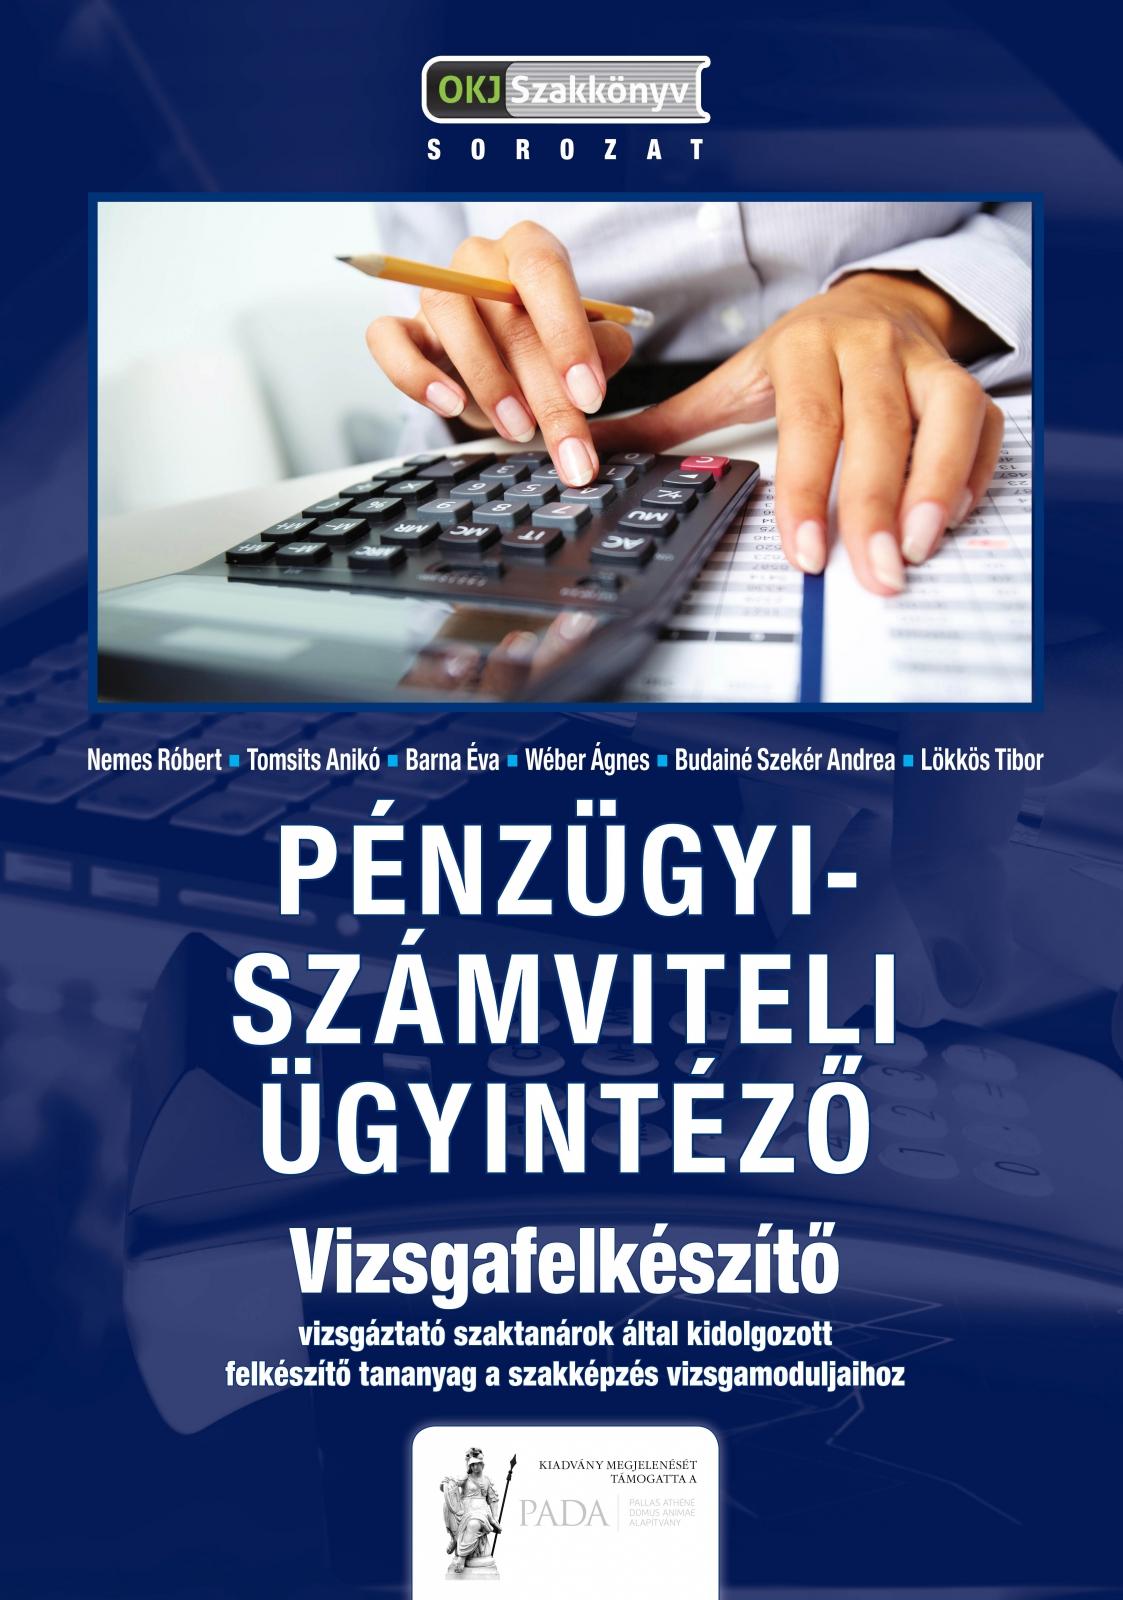 Pénzügyi-számviteli ügyintéző - Vizsgafelkészítő